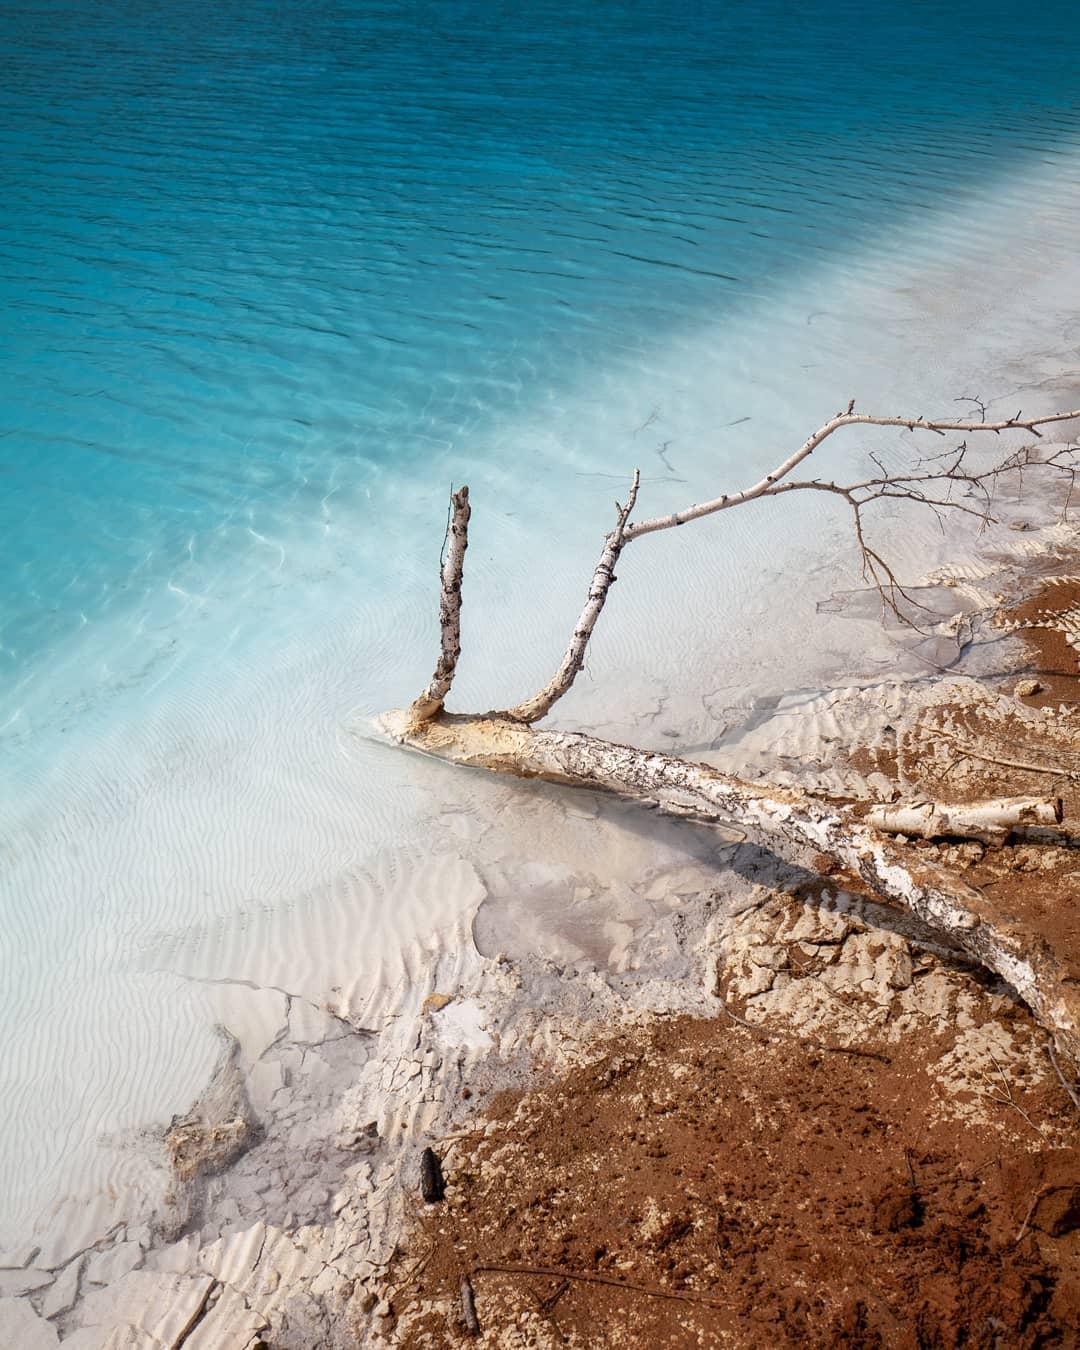 بحيرة روسية زرقاء سامة تحظى بإقبال السائحين (2)